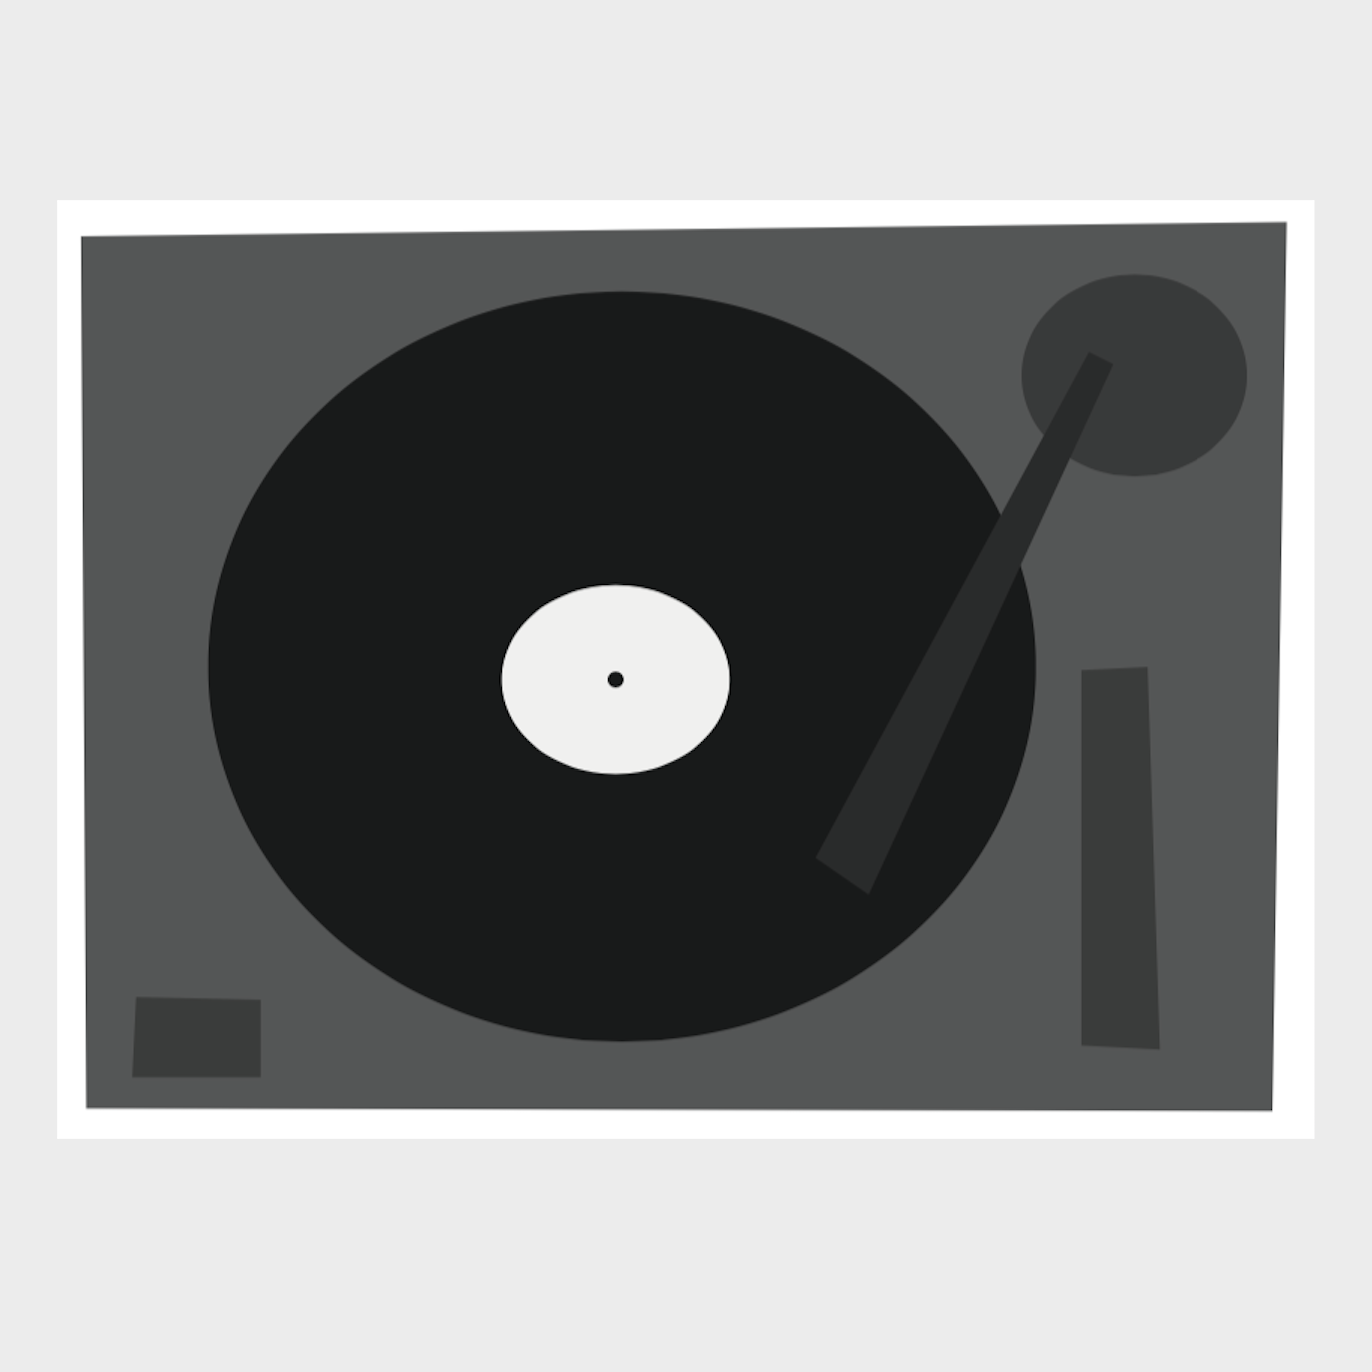 Recordplayer - Benjamin Zierock - Medien